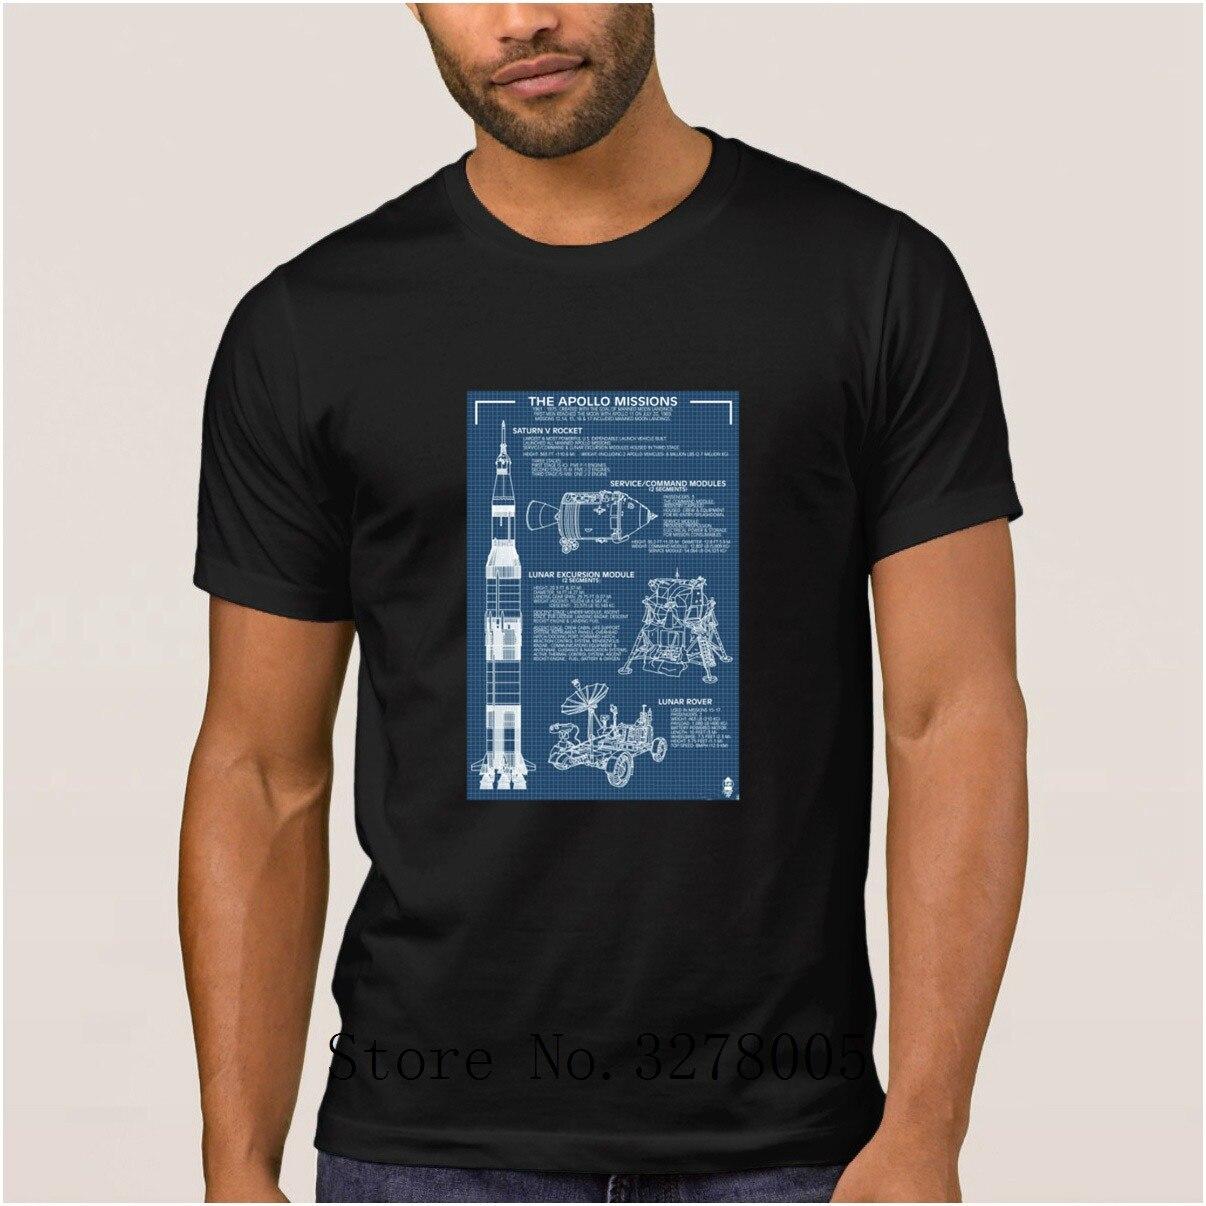 La Maxpa Crazy Apollo Missions Blueprint Poster camiseta Hombres estilo verano hombres camiseta Streetwear algodón camiseta hombre Hip Hop